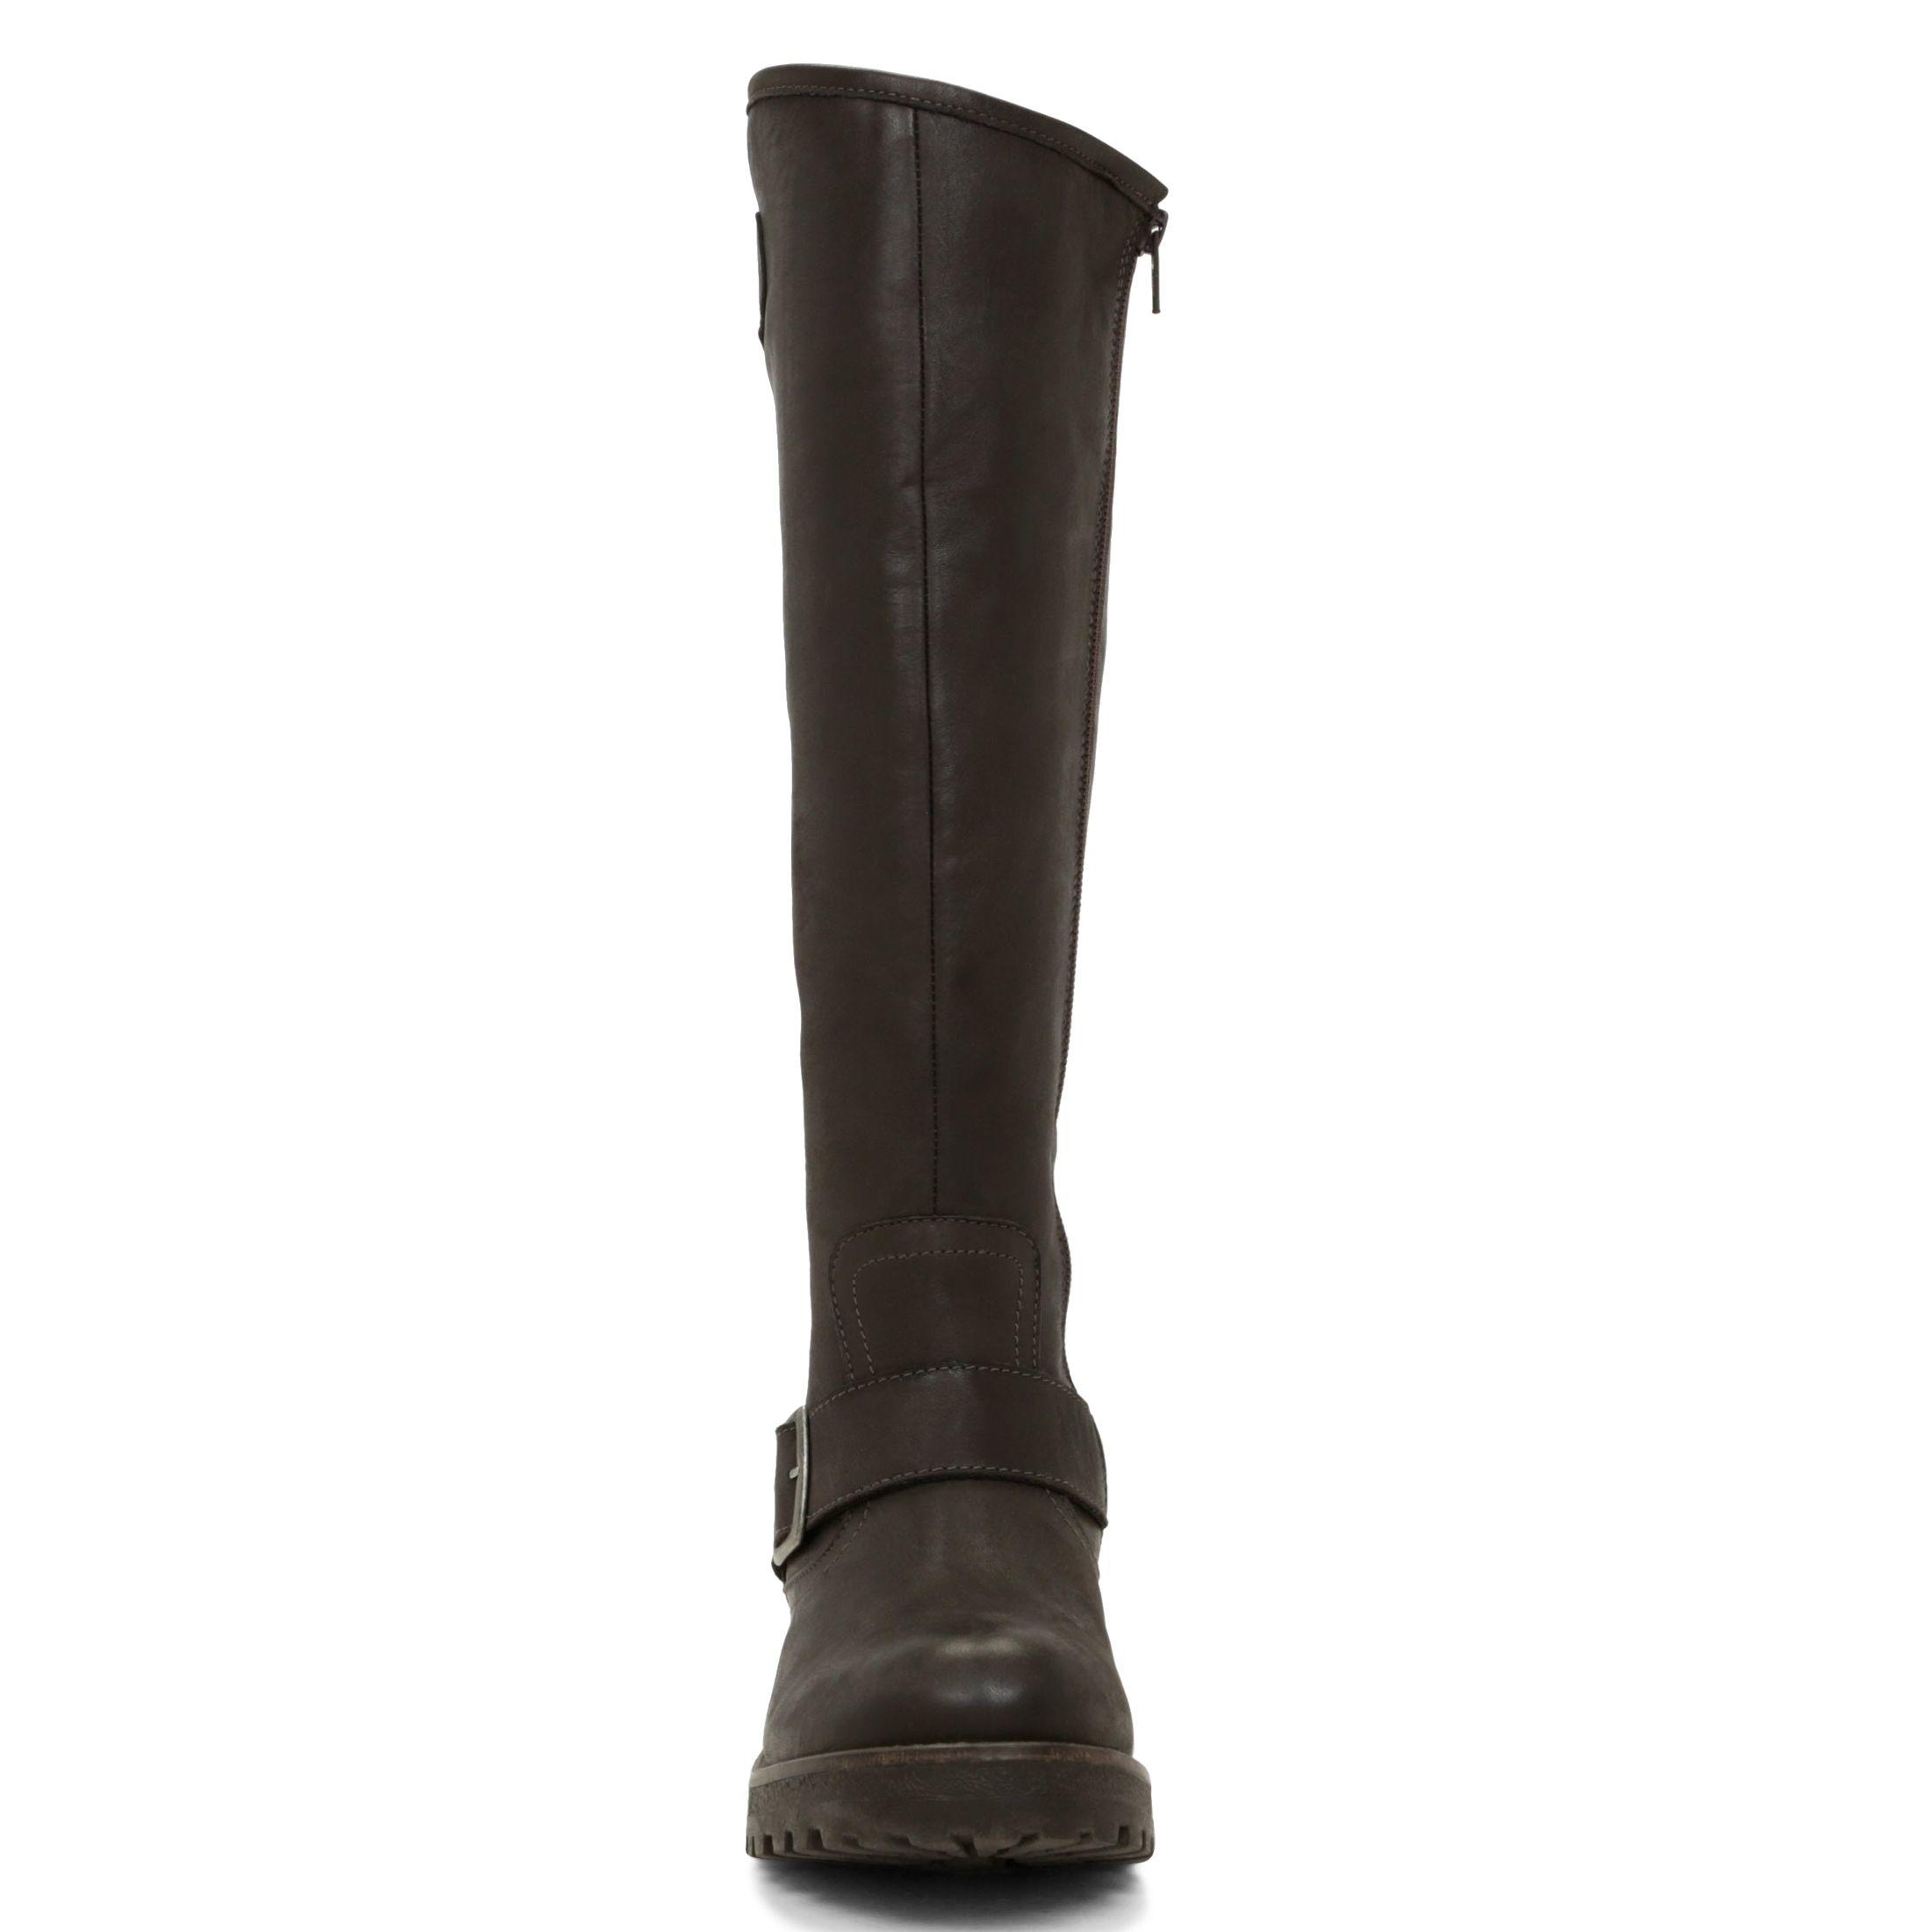 aldo beskra buckle knee high boots in brown lyst